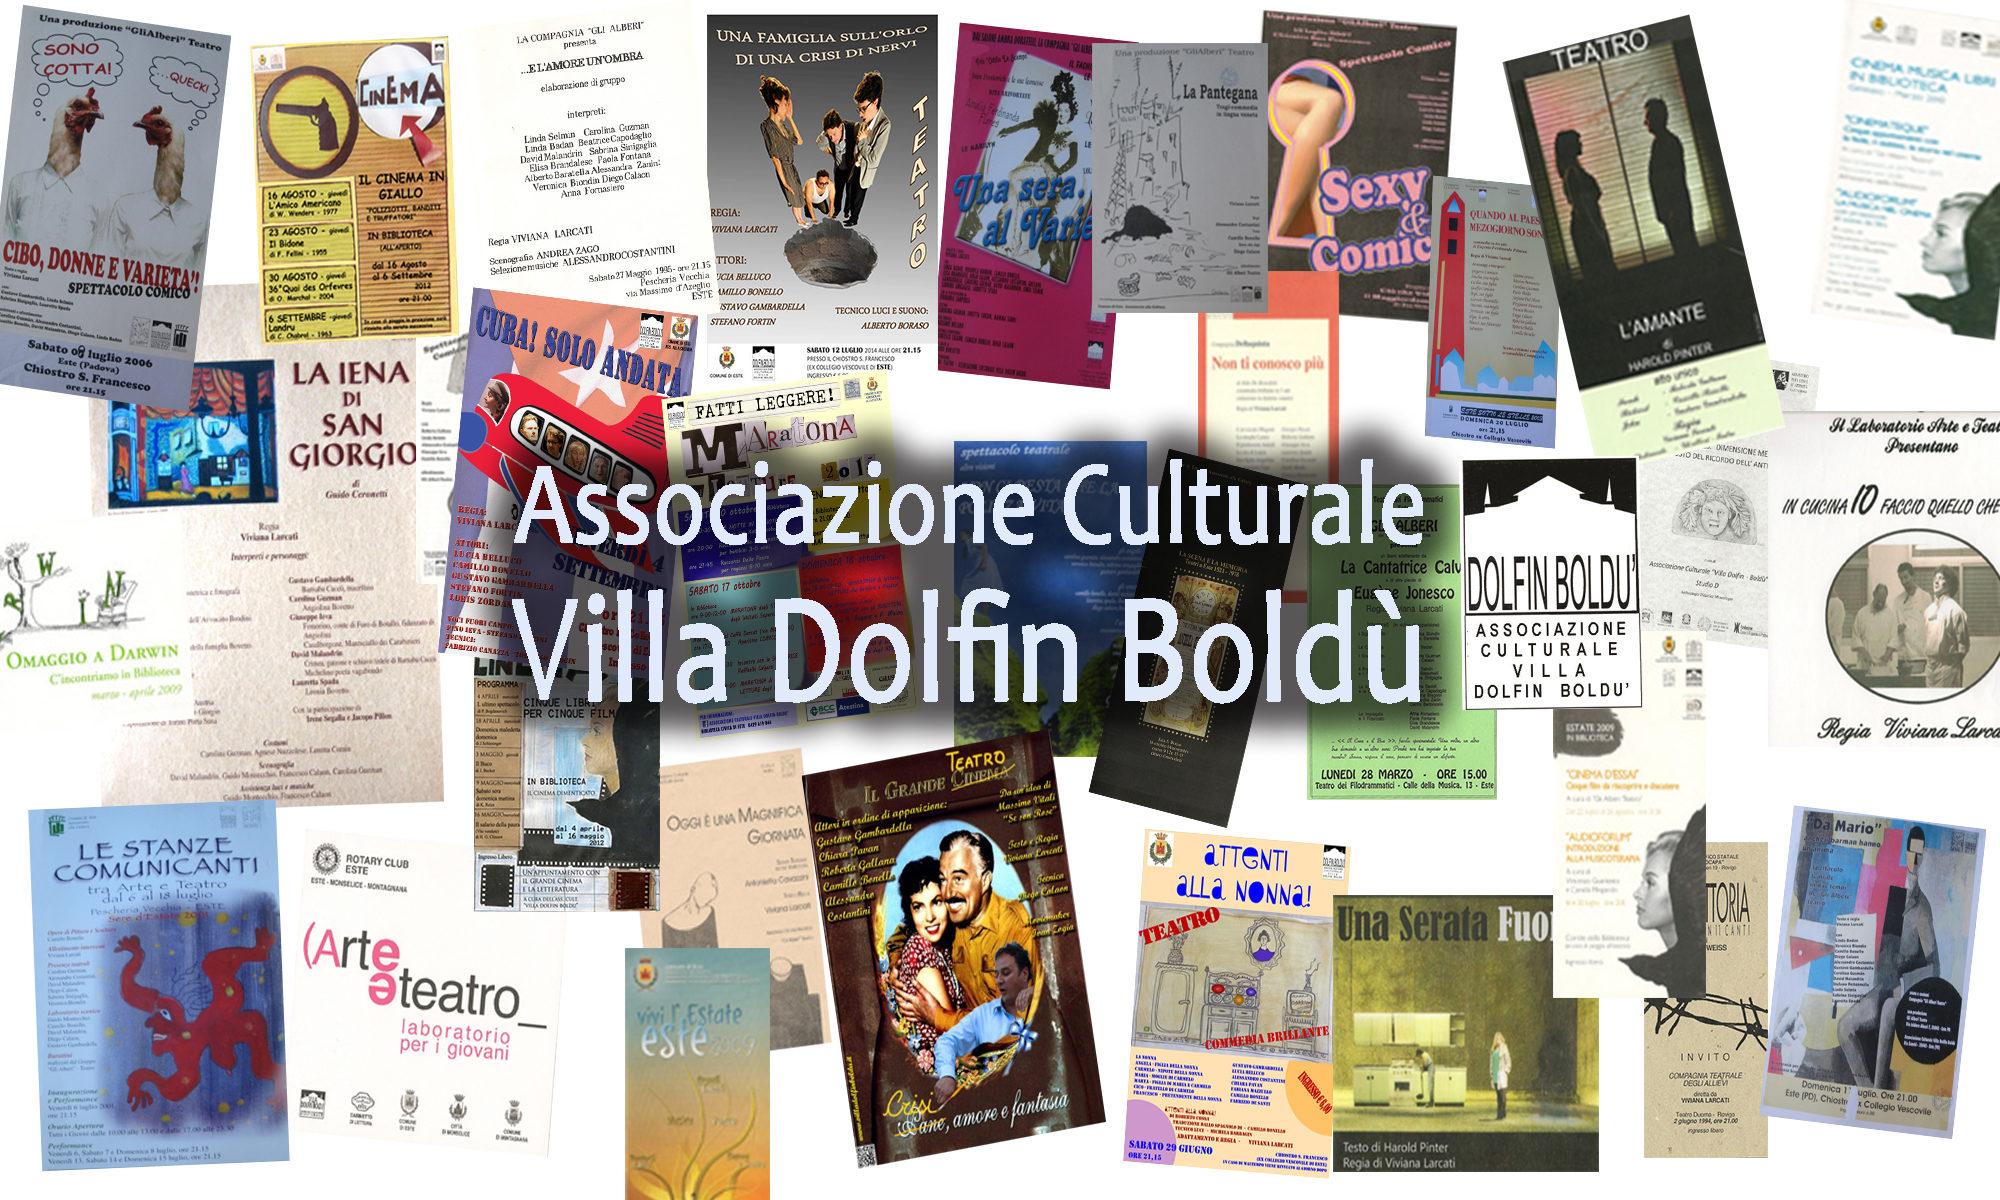 Associazione culturale villa dolfin boldu'